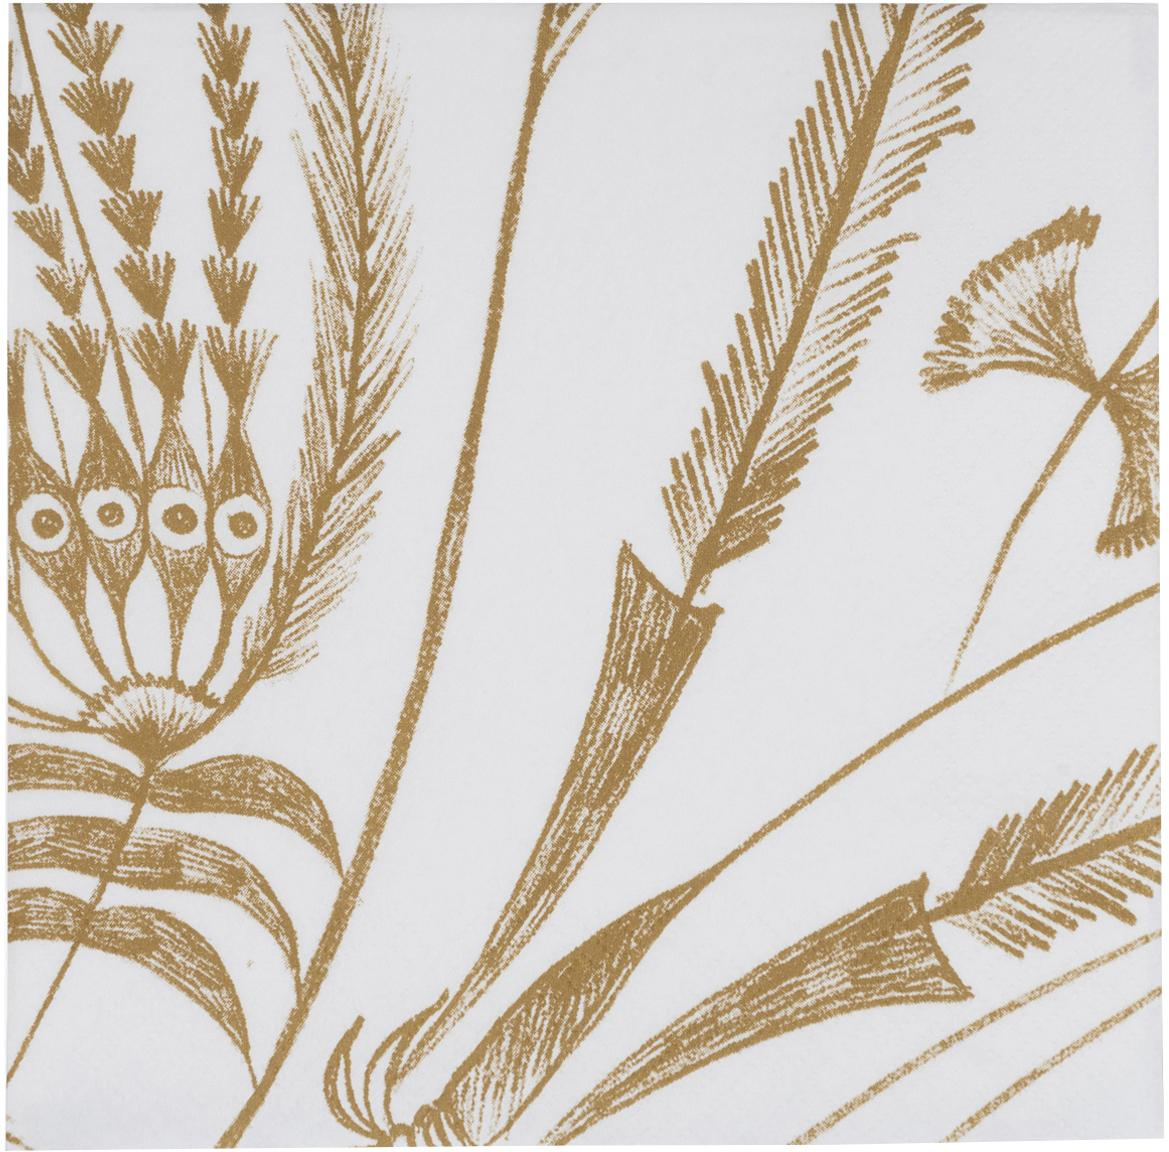 Serwetka z papieru Bukit Jambul, 12 szt., Papier, Biały, brązowy, S 33 x D 33 cm